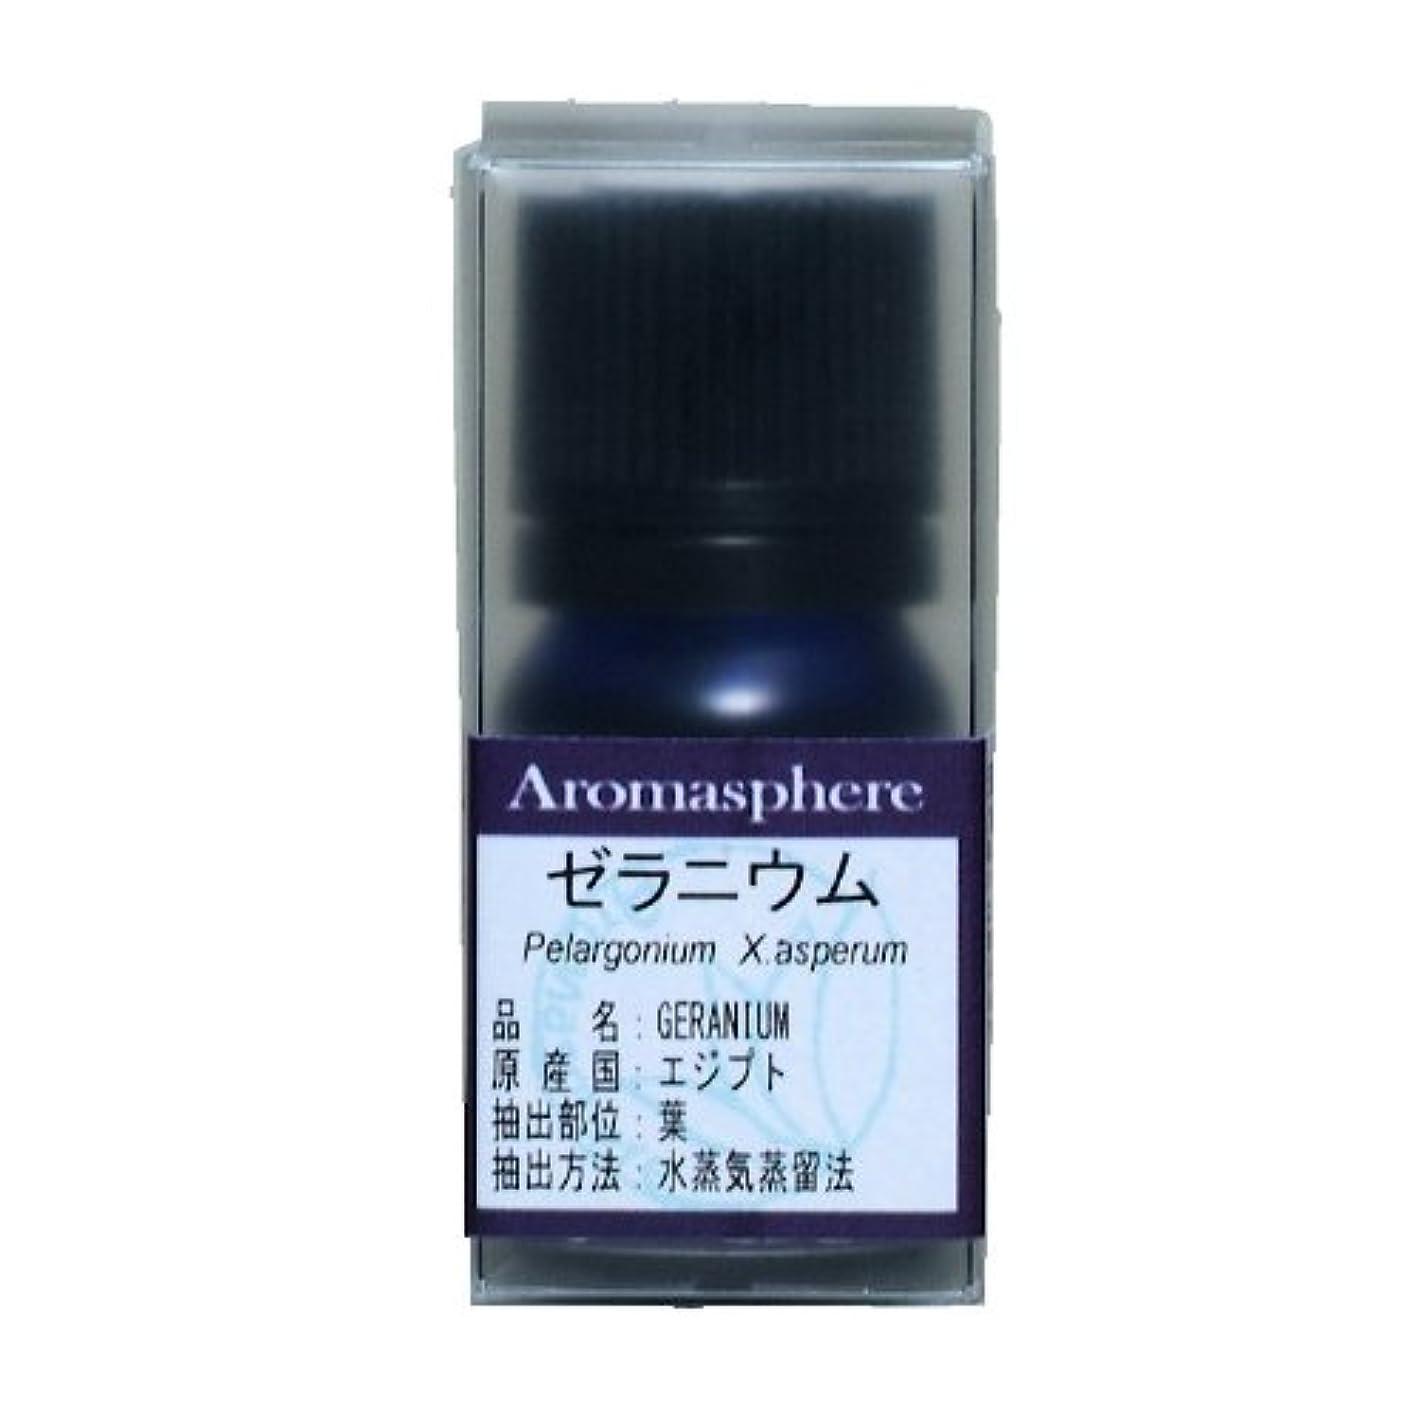 お気に入りゴージャス必要条件【アロマスフィア】ゼラニウム 5ml エッセンシャルオイル(精油)